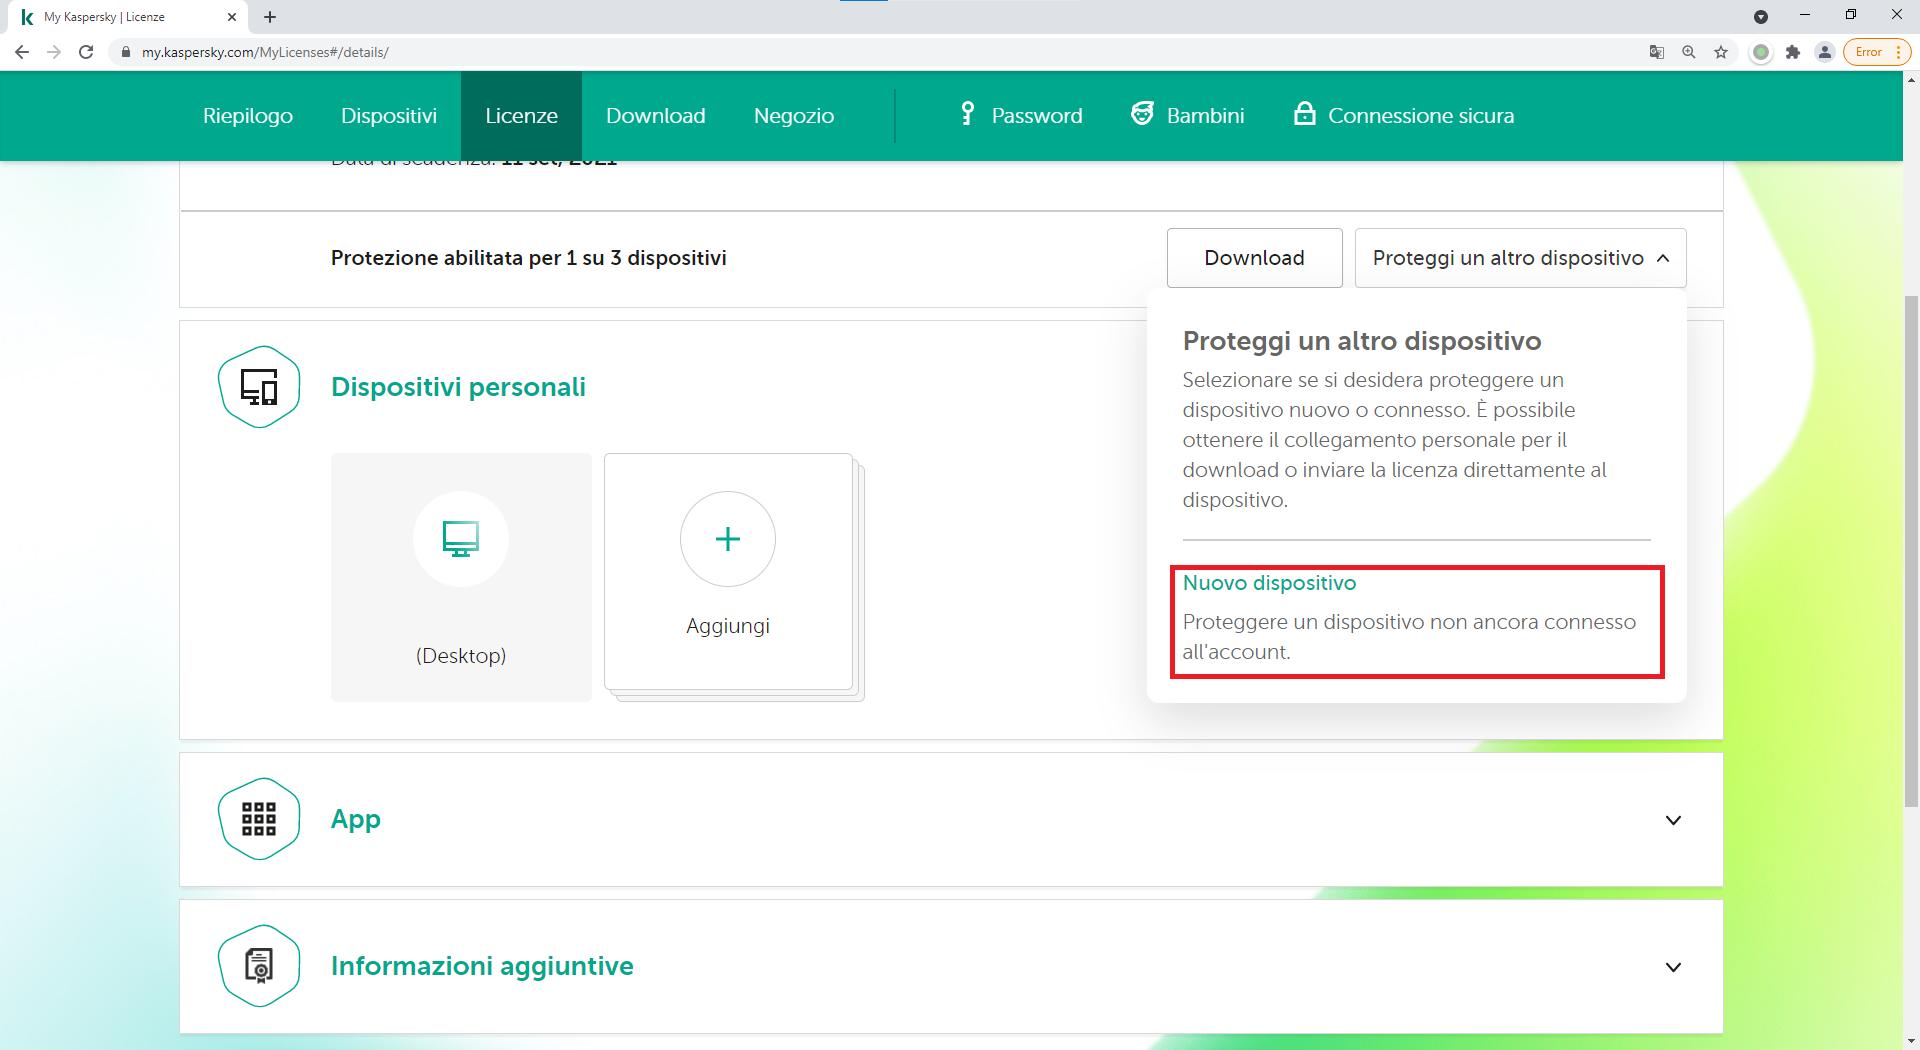 Come utilizzare My Kaspersky per inviare una licenza a un nuovo dispositivo